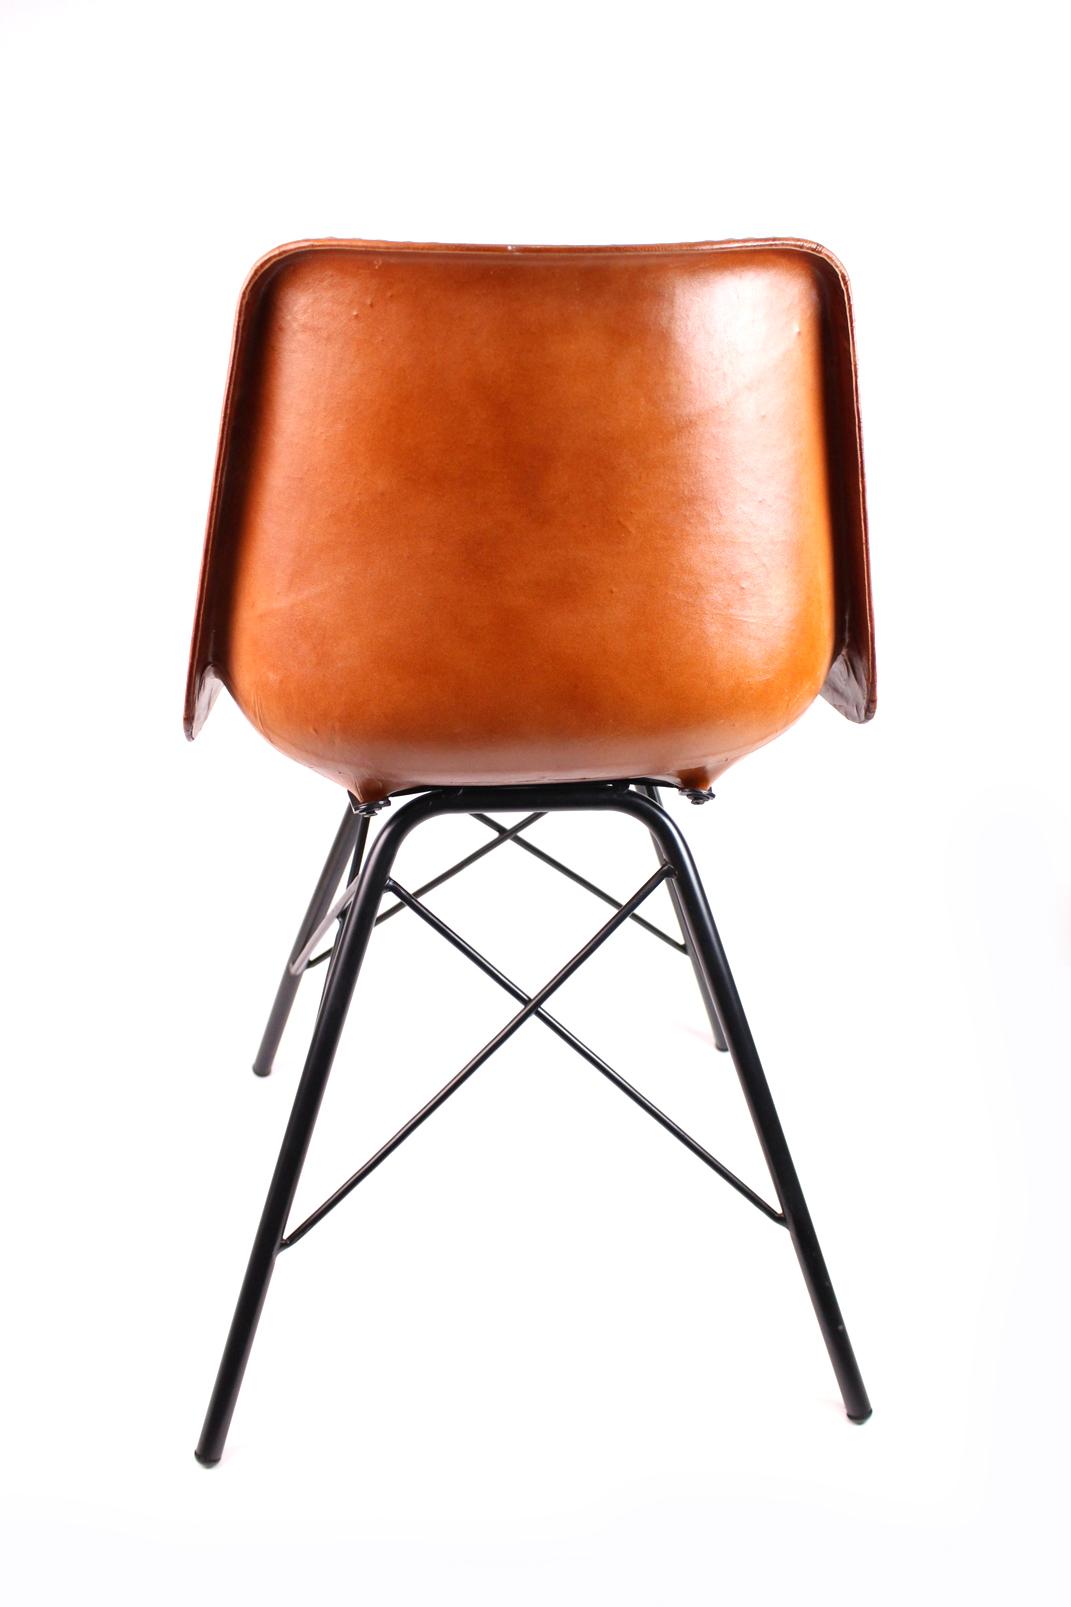 Austerlitz stuhl im industrial stil aus leder metall for Design stuhl leder metall